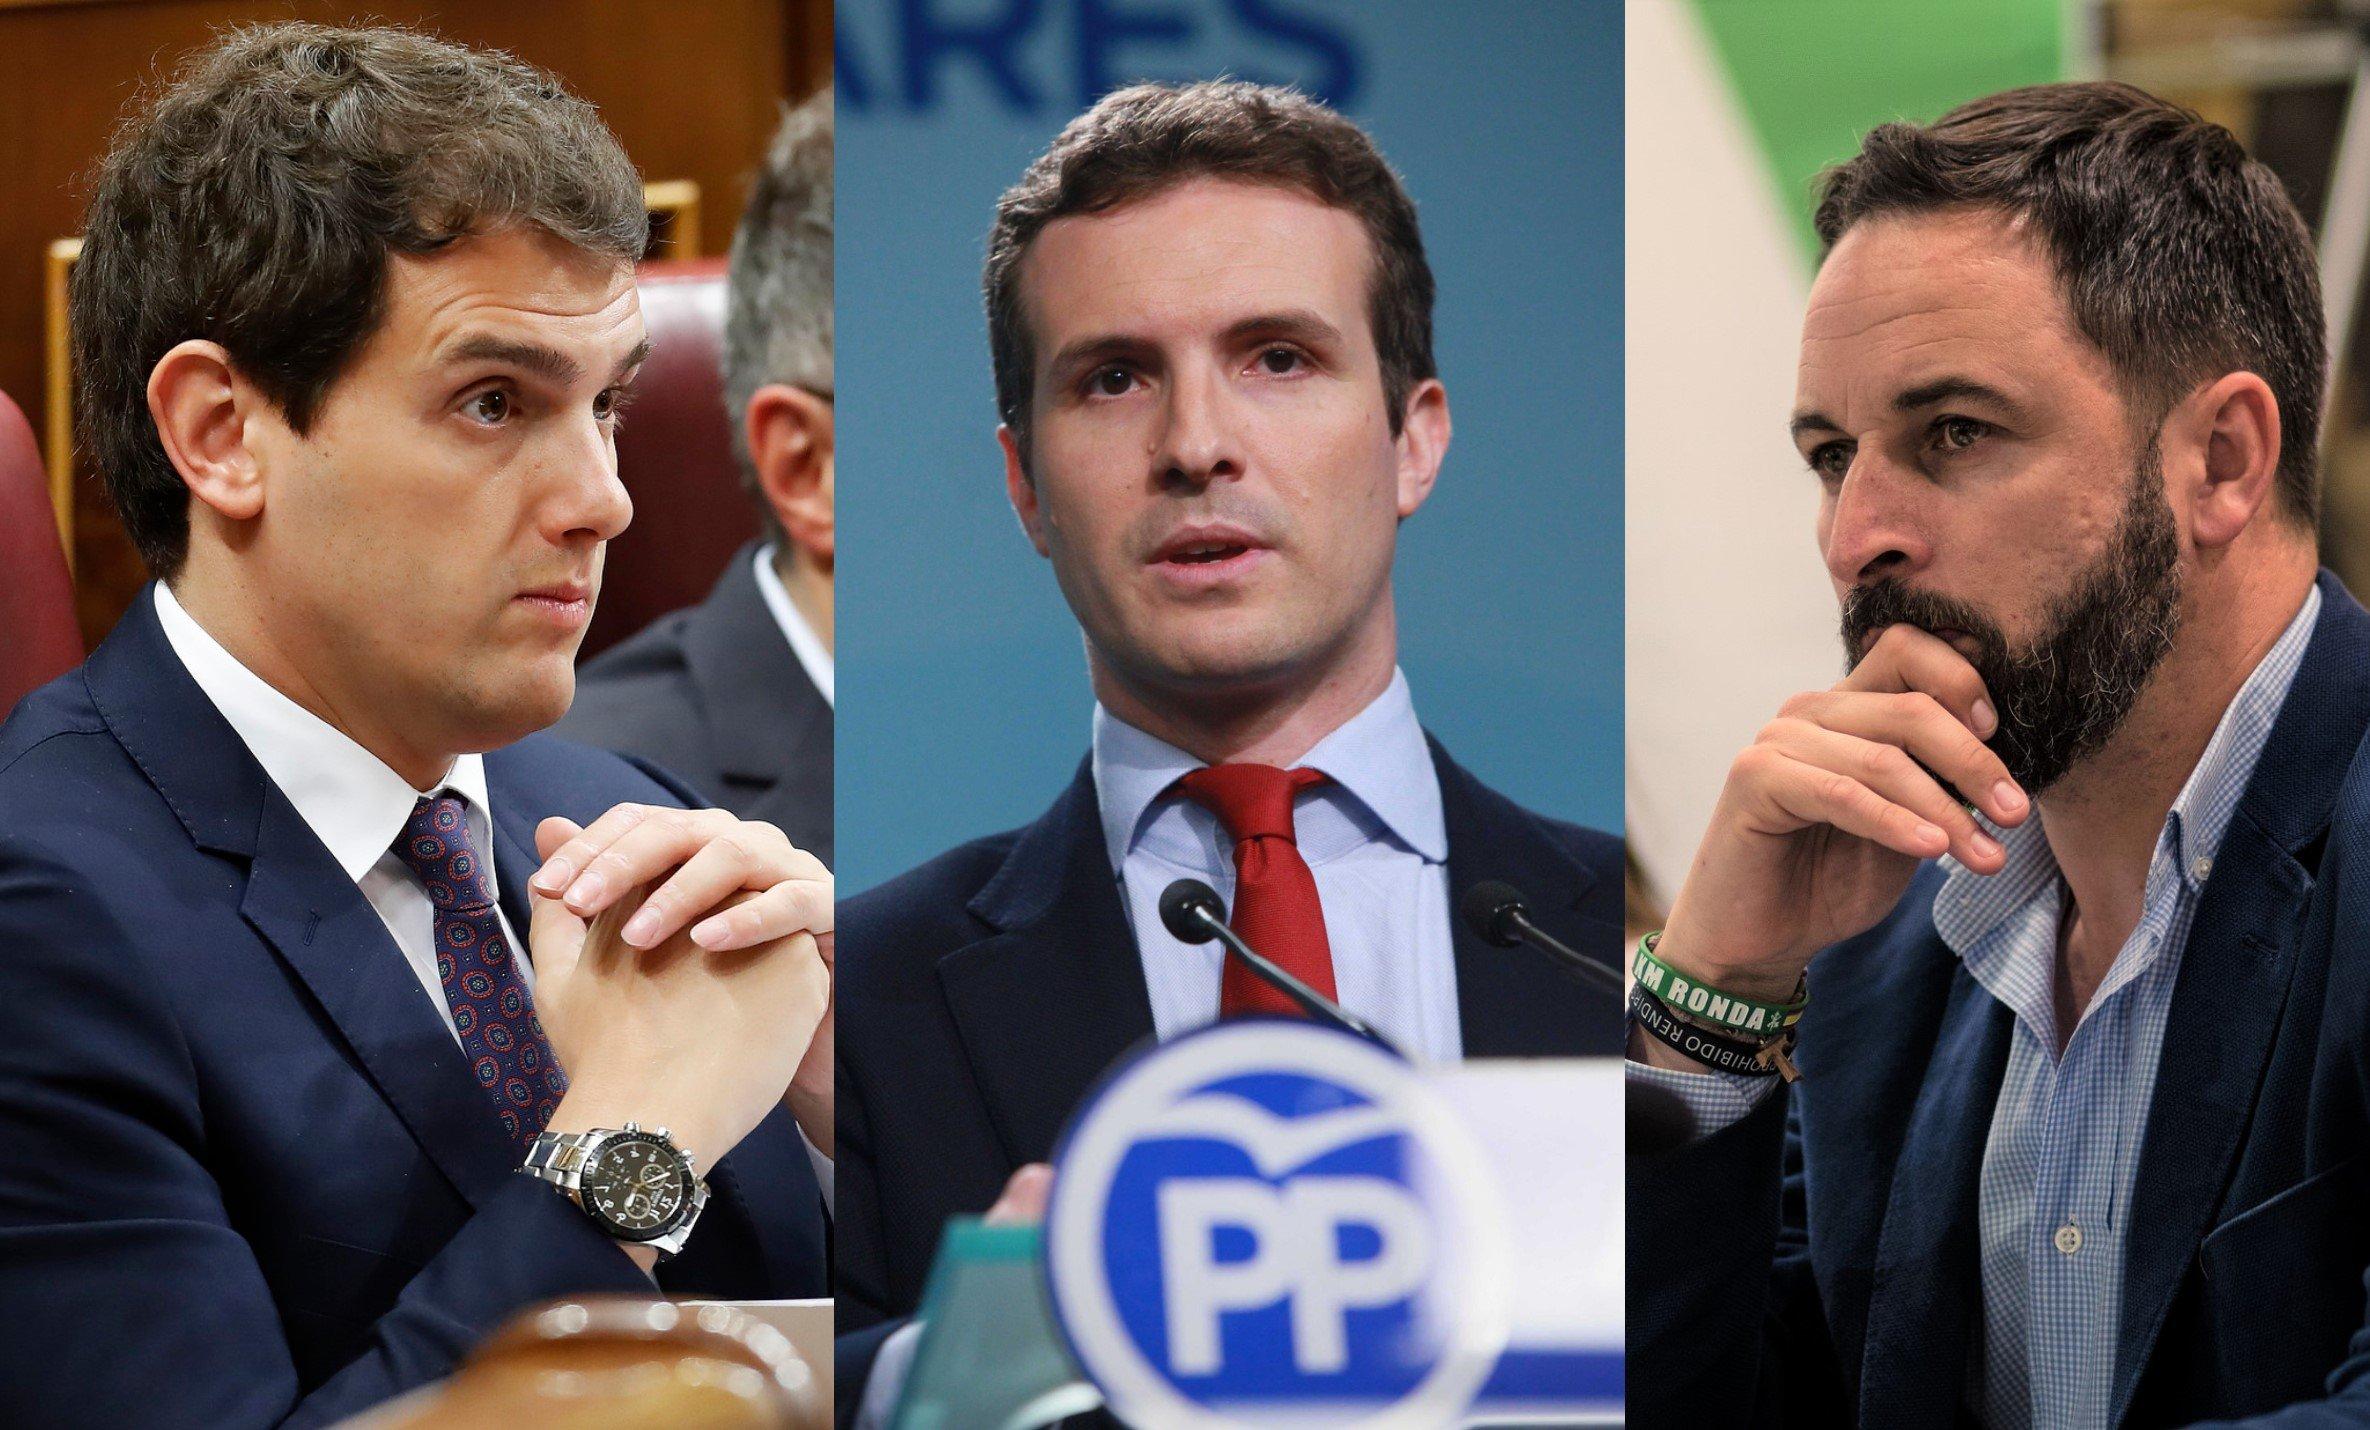 Harto del PP y Ciudadanos, Vox rompe la balanza